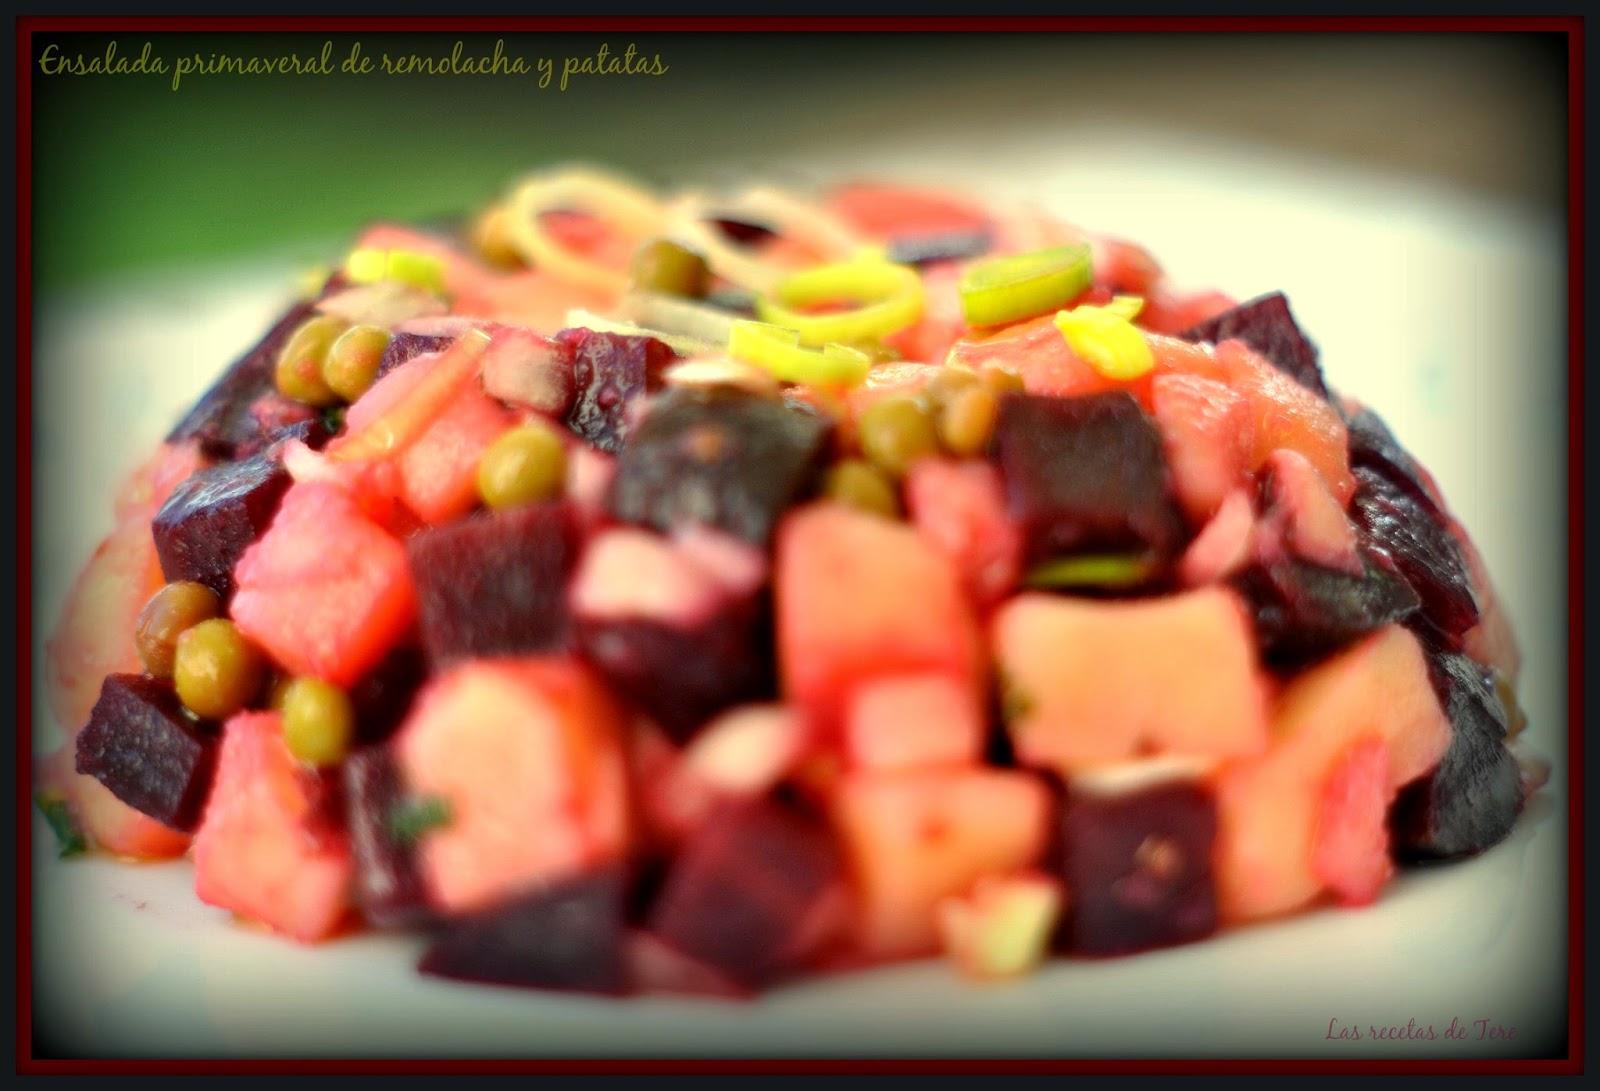 ensalada primaveral de remolacha y patatas 03